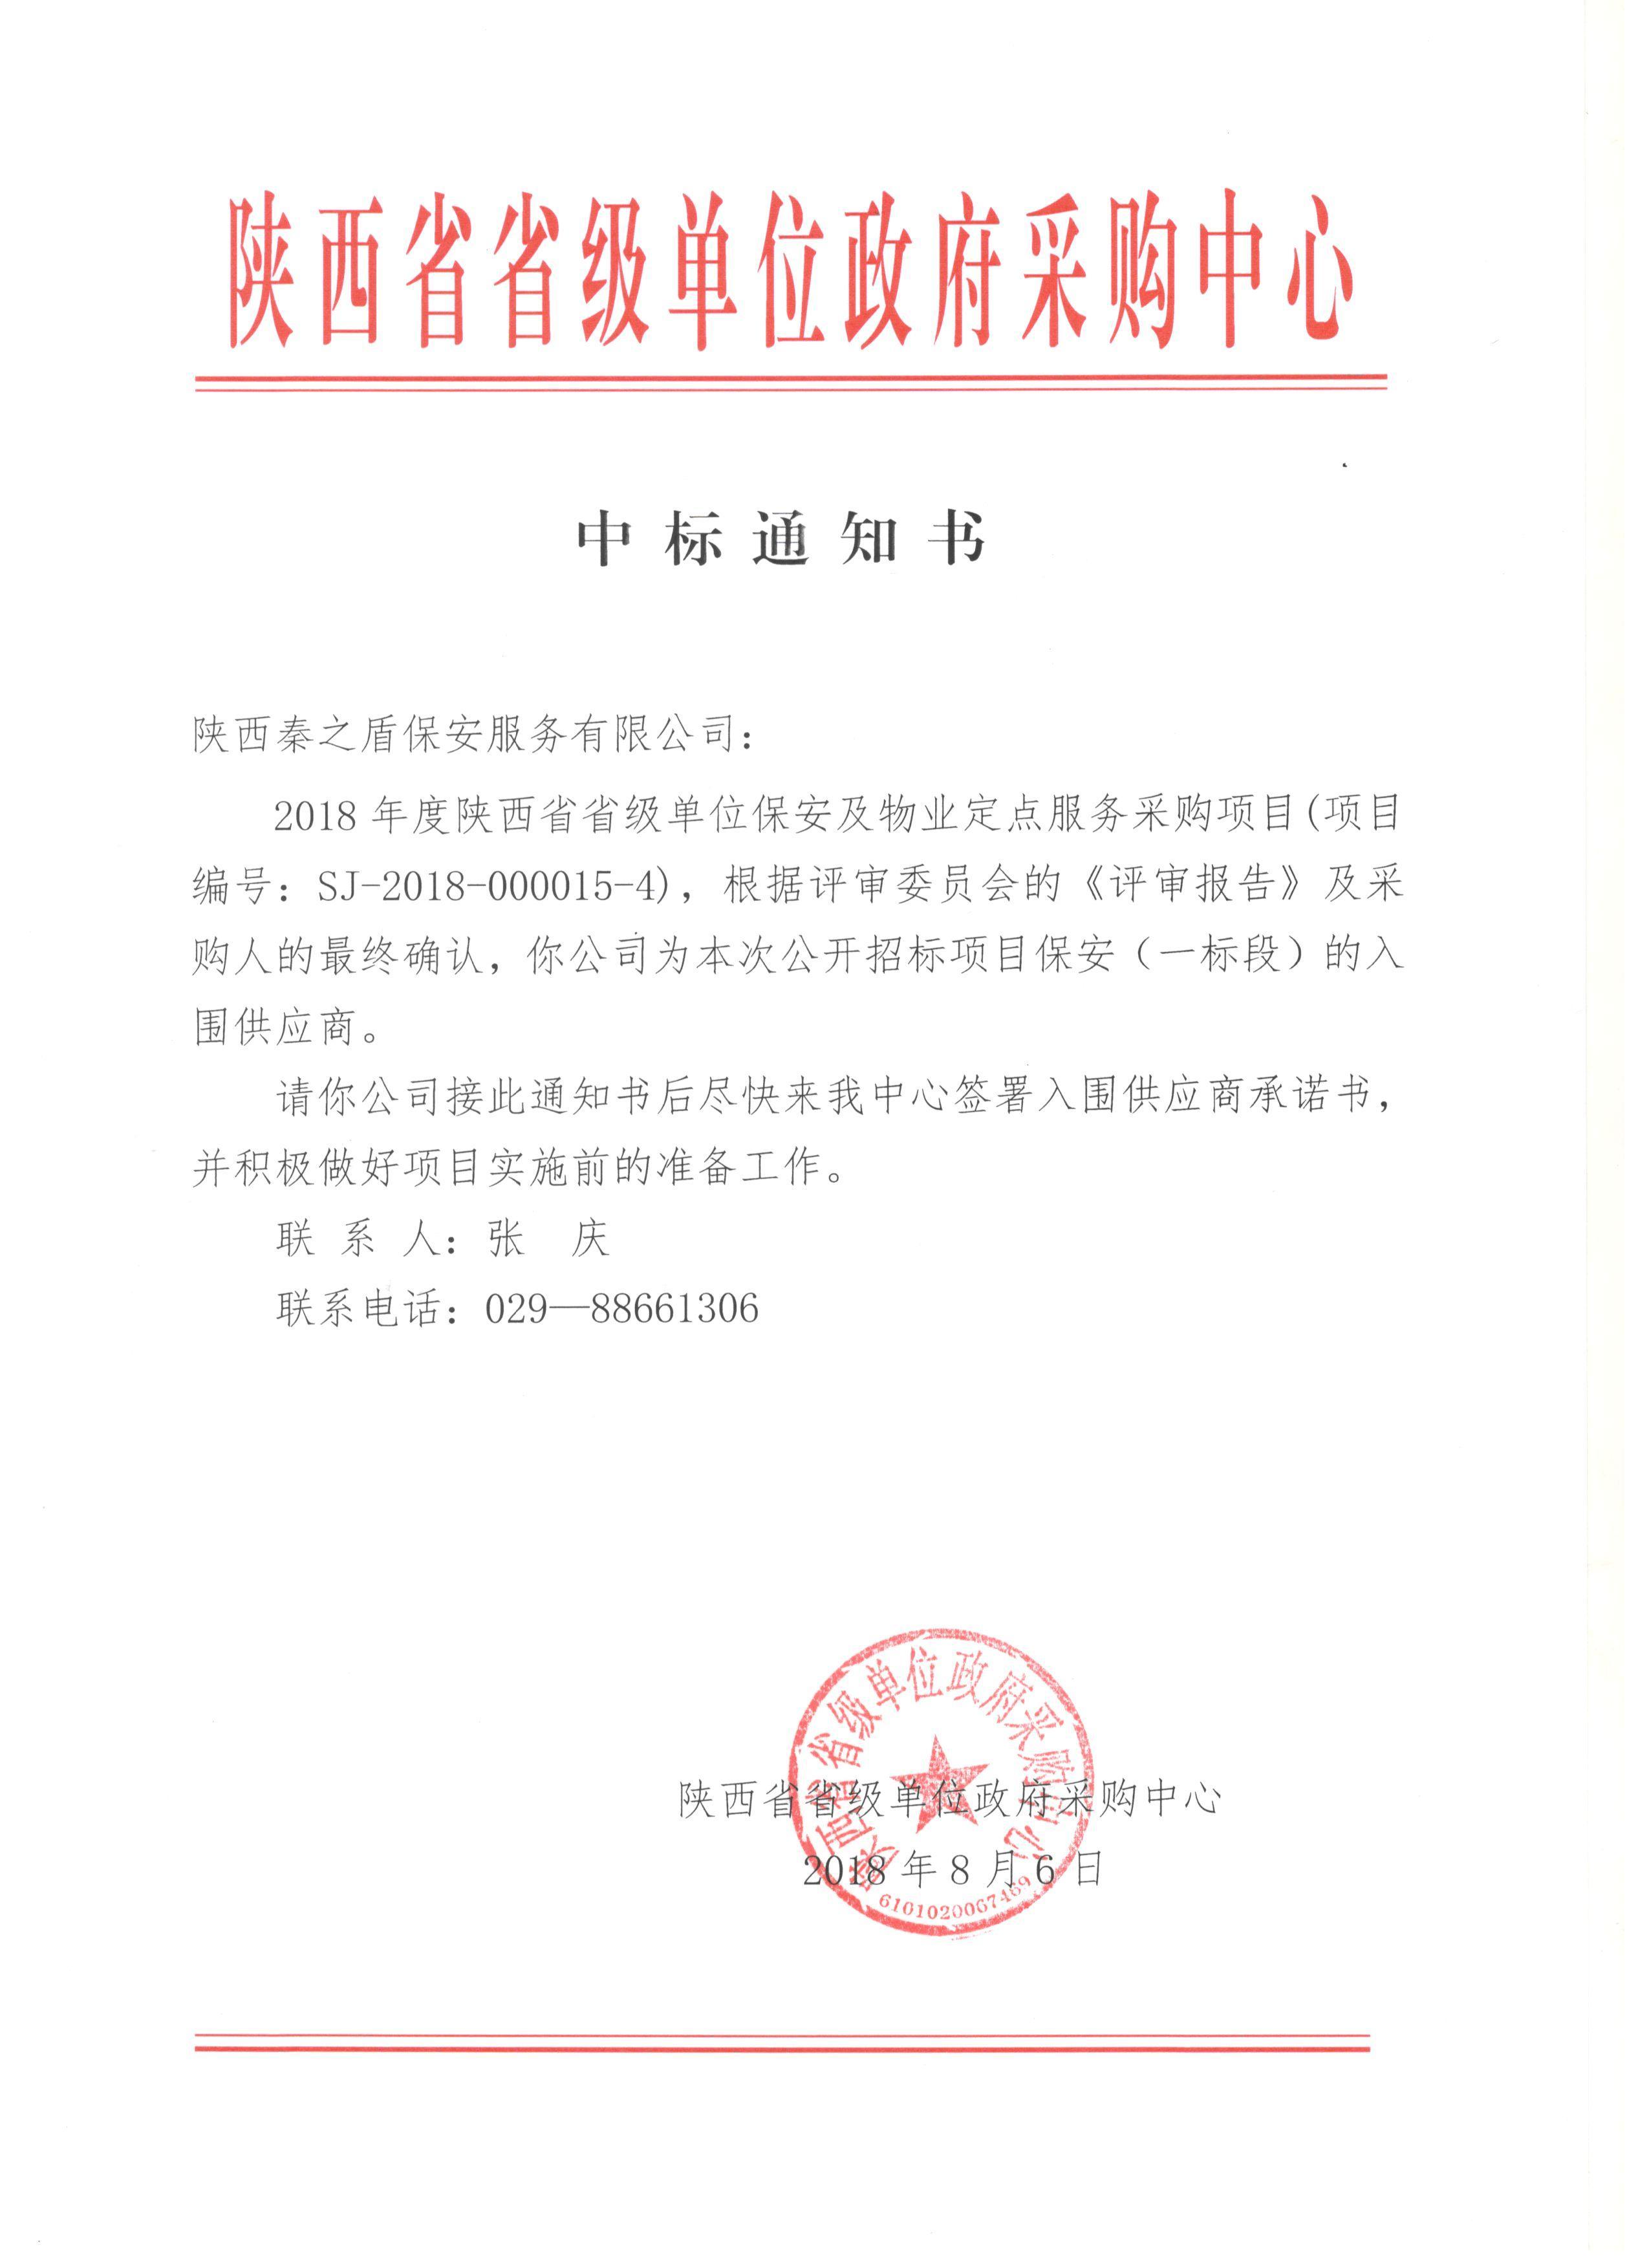 2018年省政府采购中标通知书.jpg